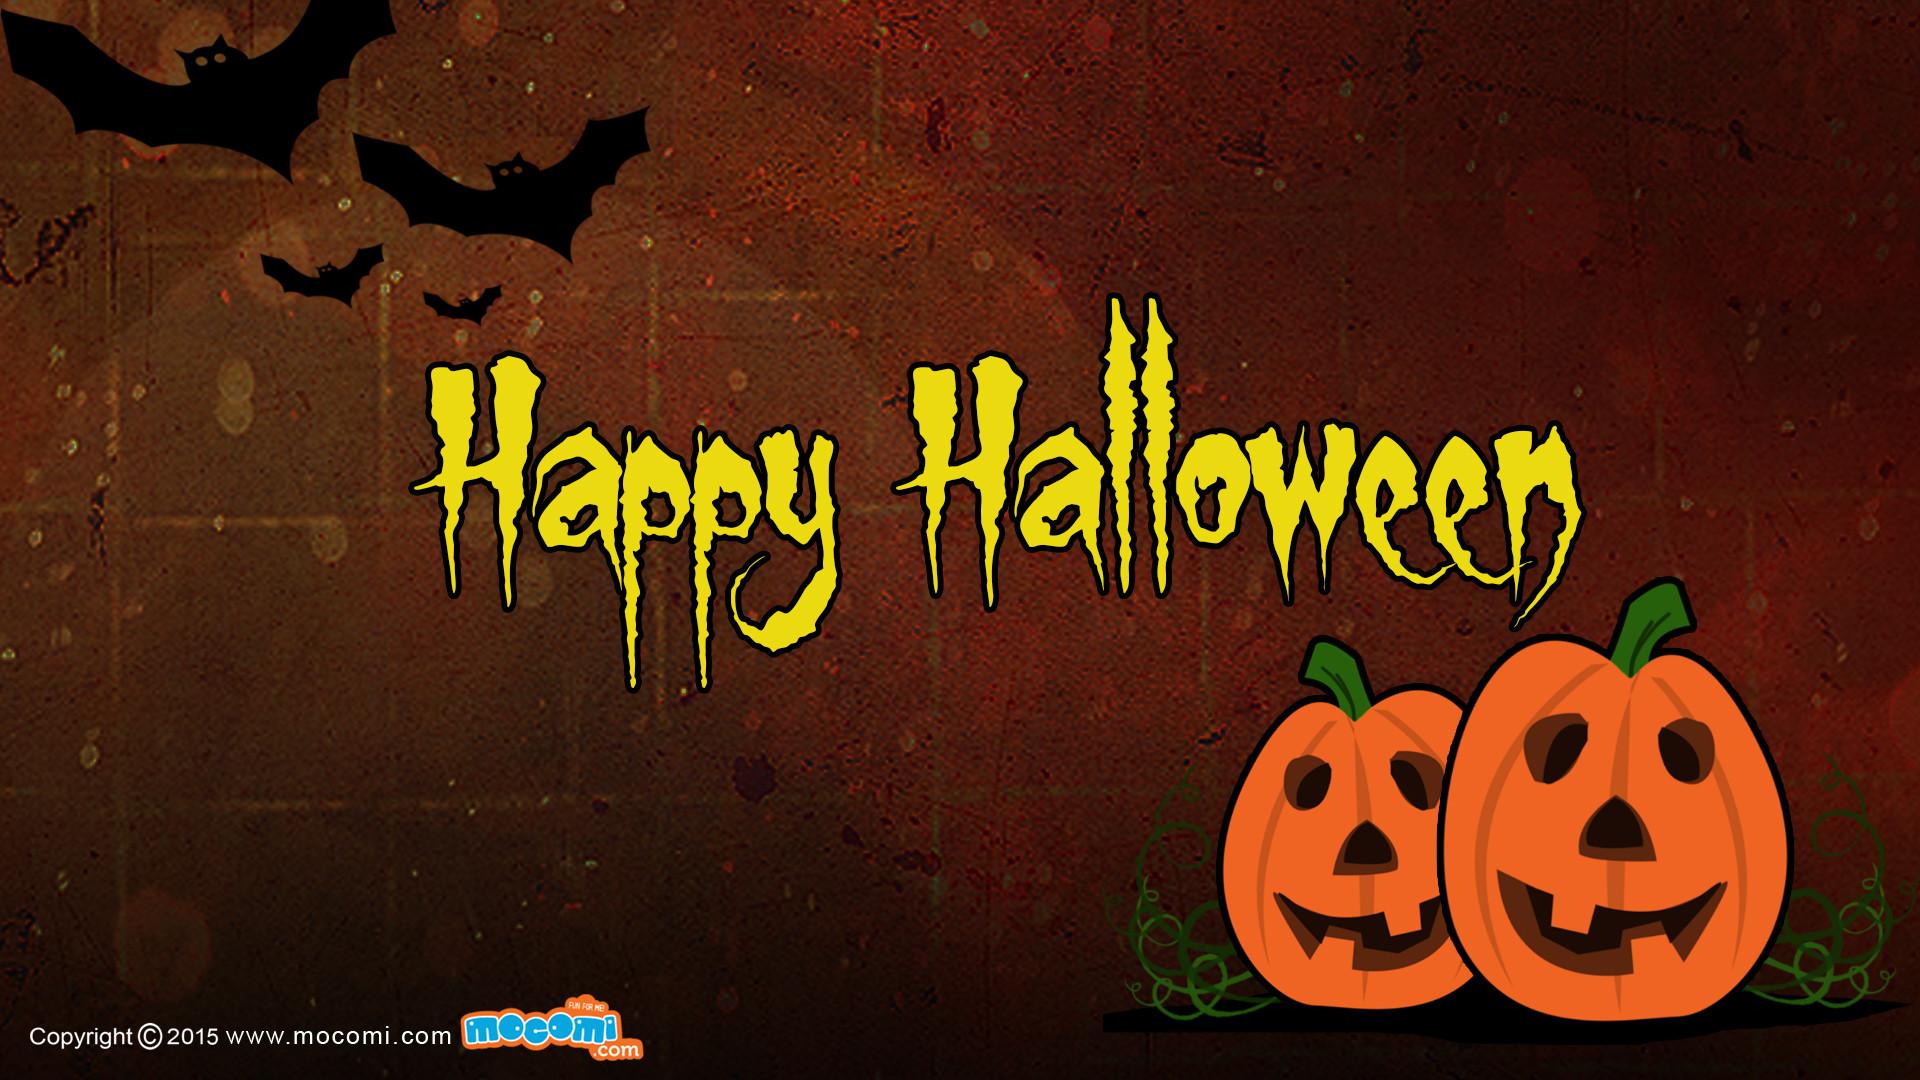 Happy Halloween Desktop Wallpaper 71 Images